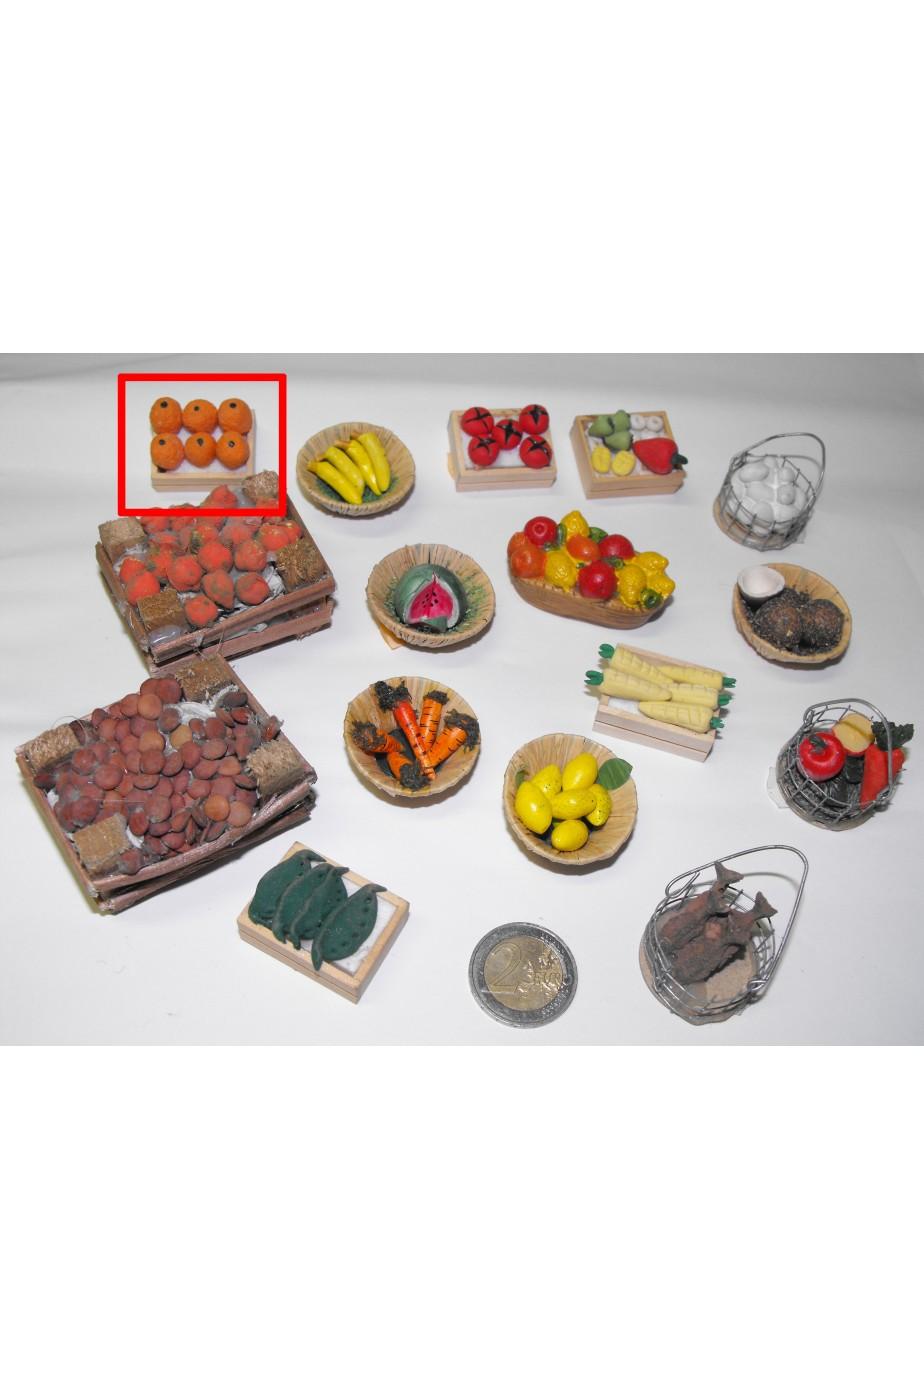 Accessori presepe fruttivendolo:cassetta di arance piccola realizzata a mano